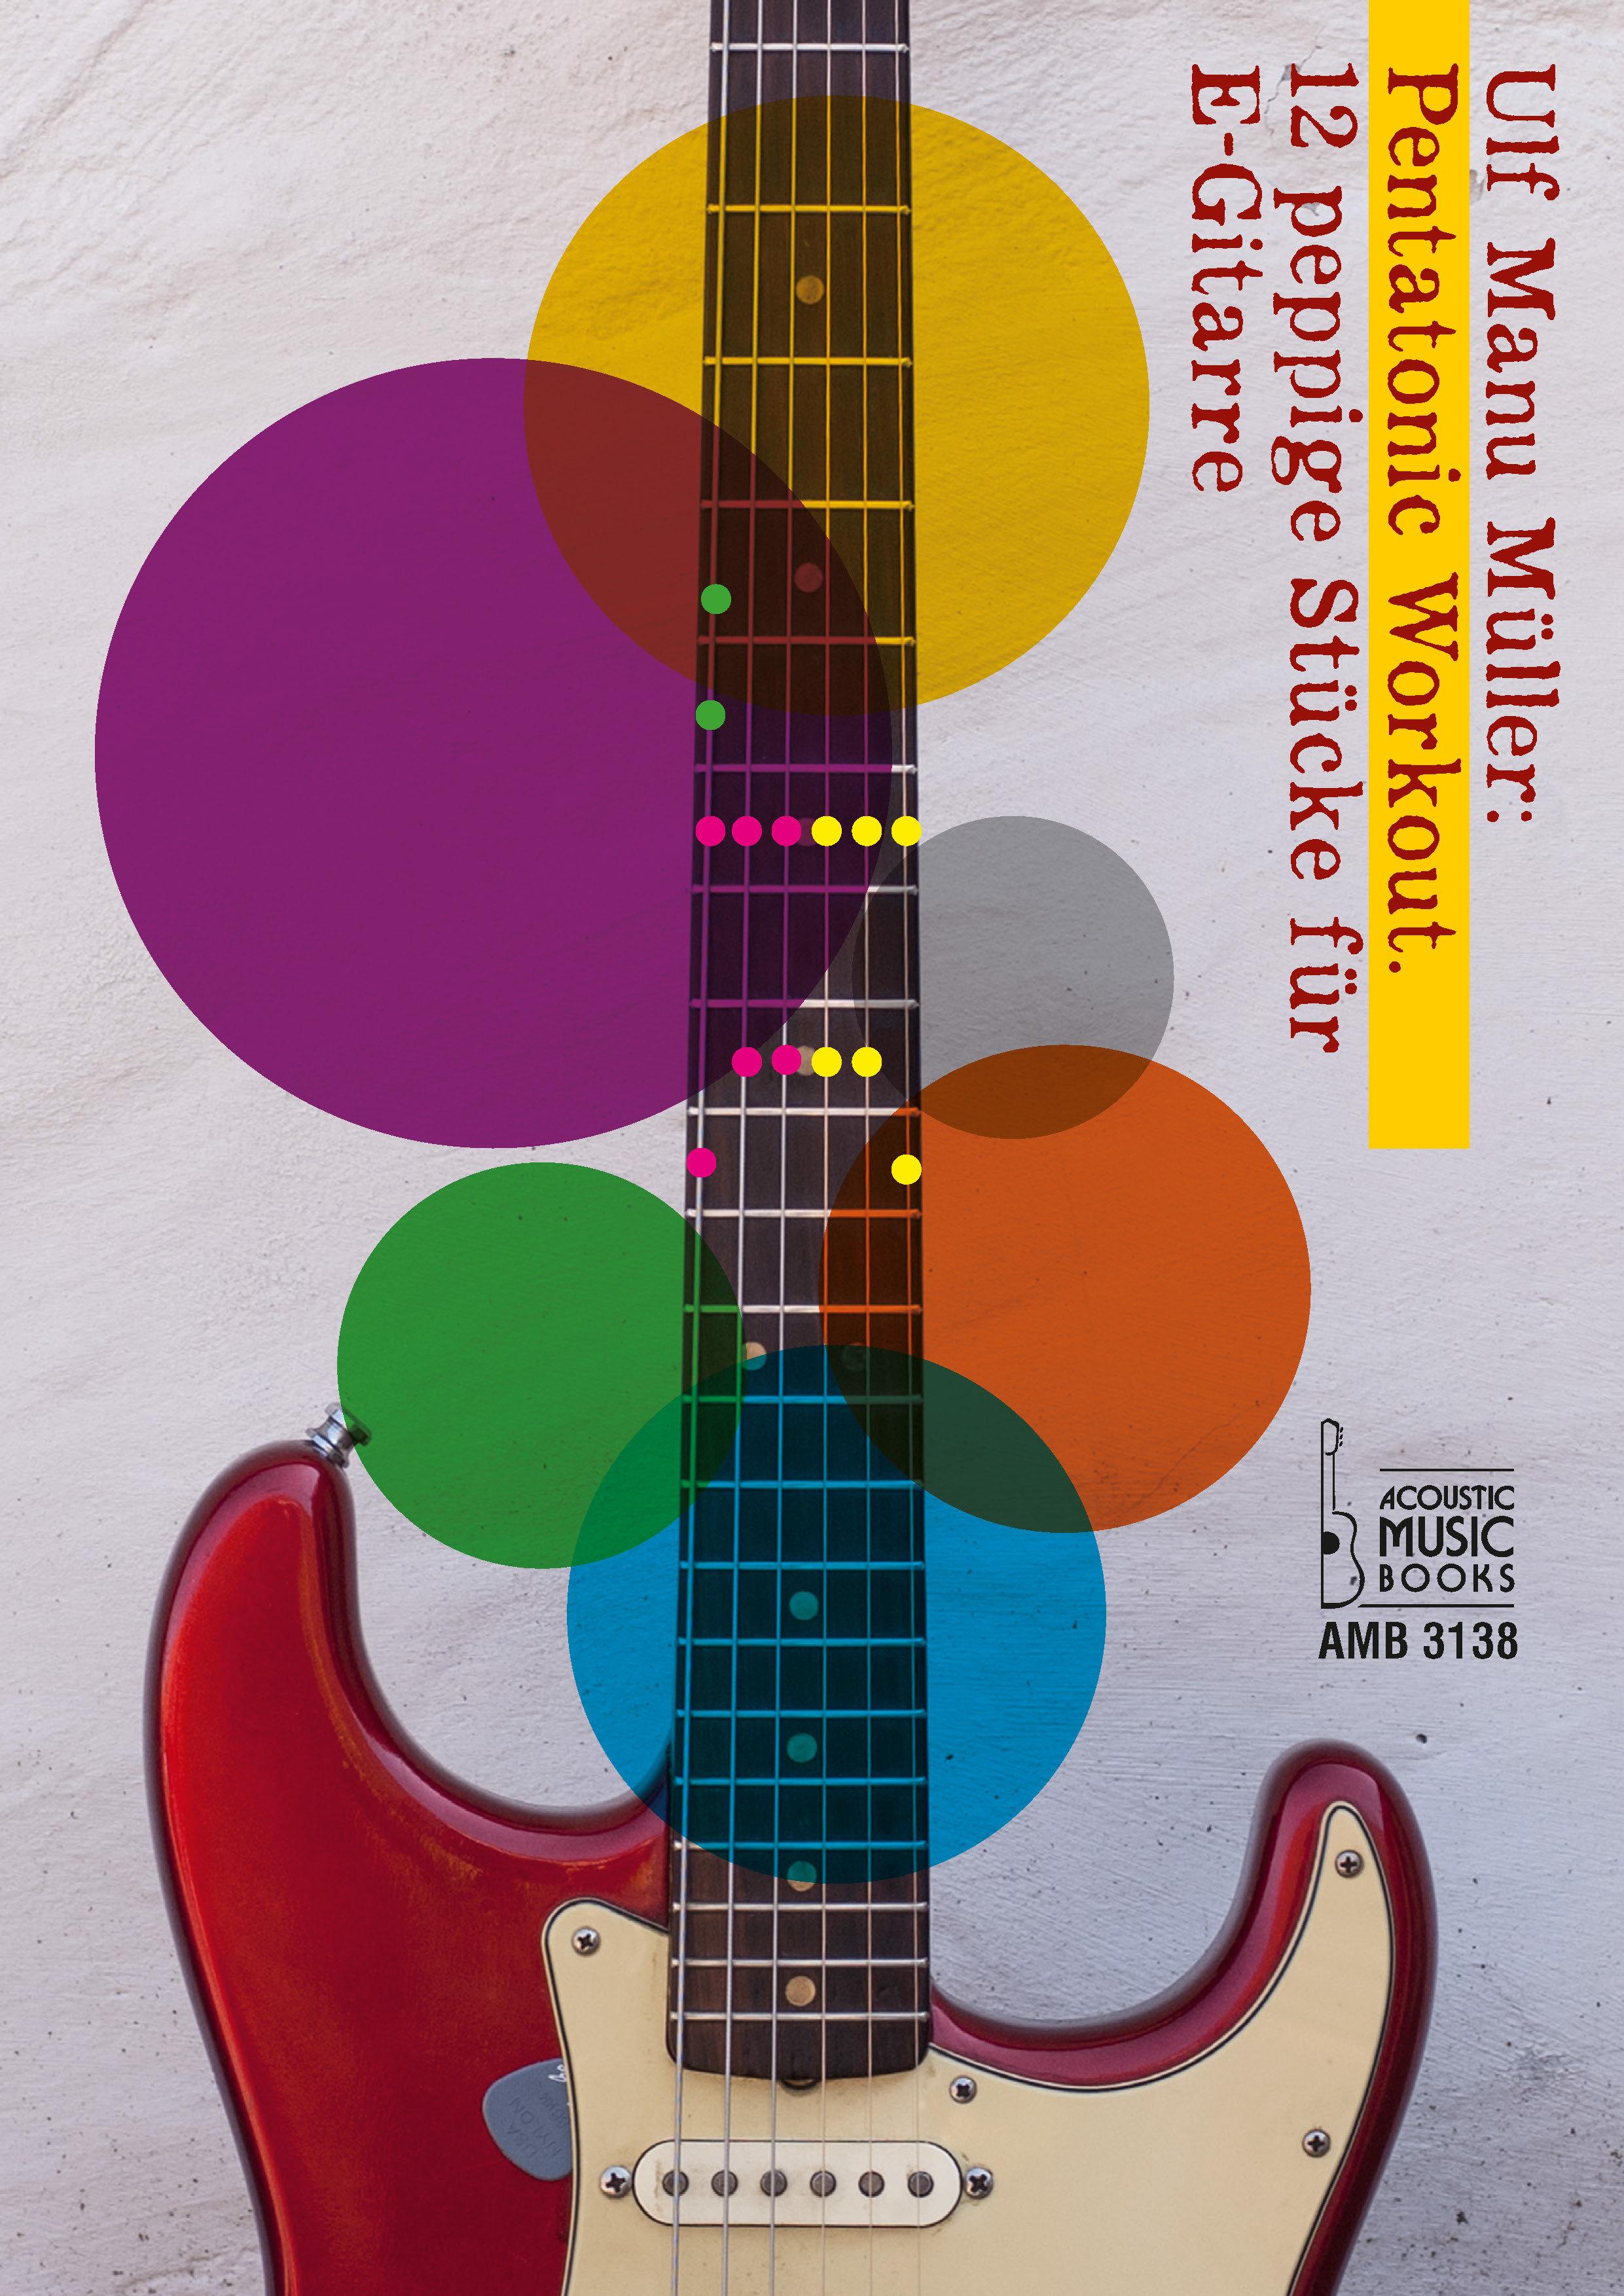 News - Acoustic Music Books Online Shop